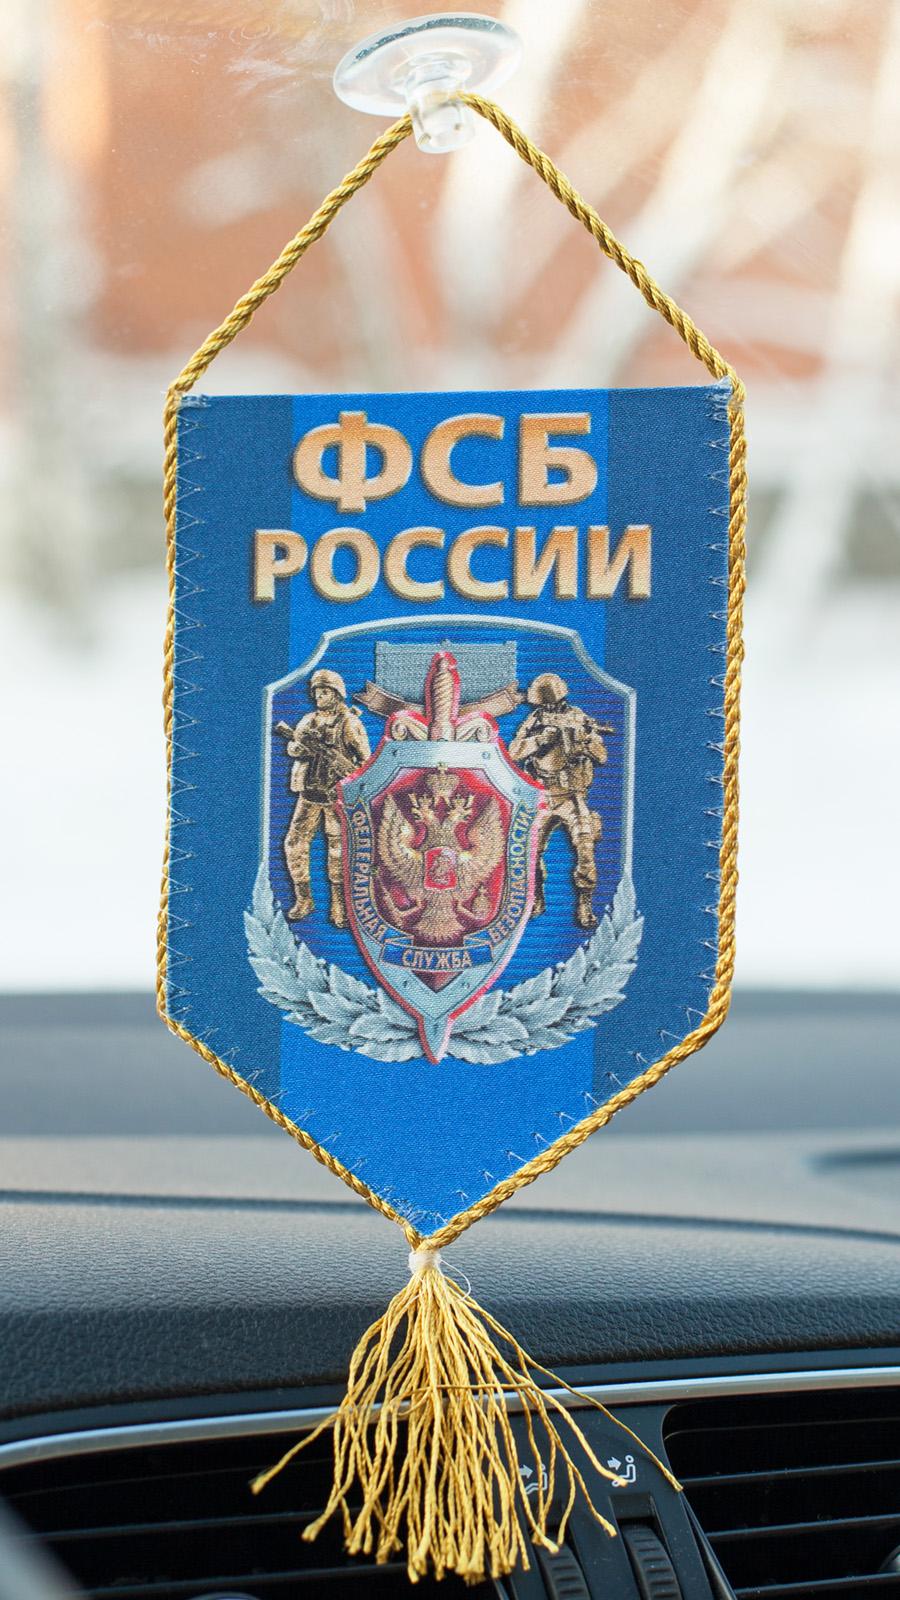 Заказать вымпел ФСБ в машину в качестве памятного сувенира